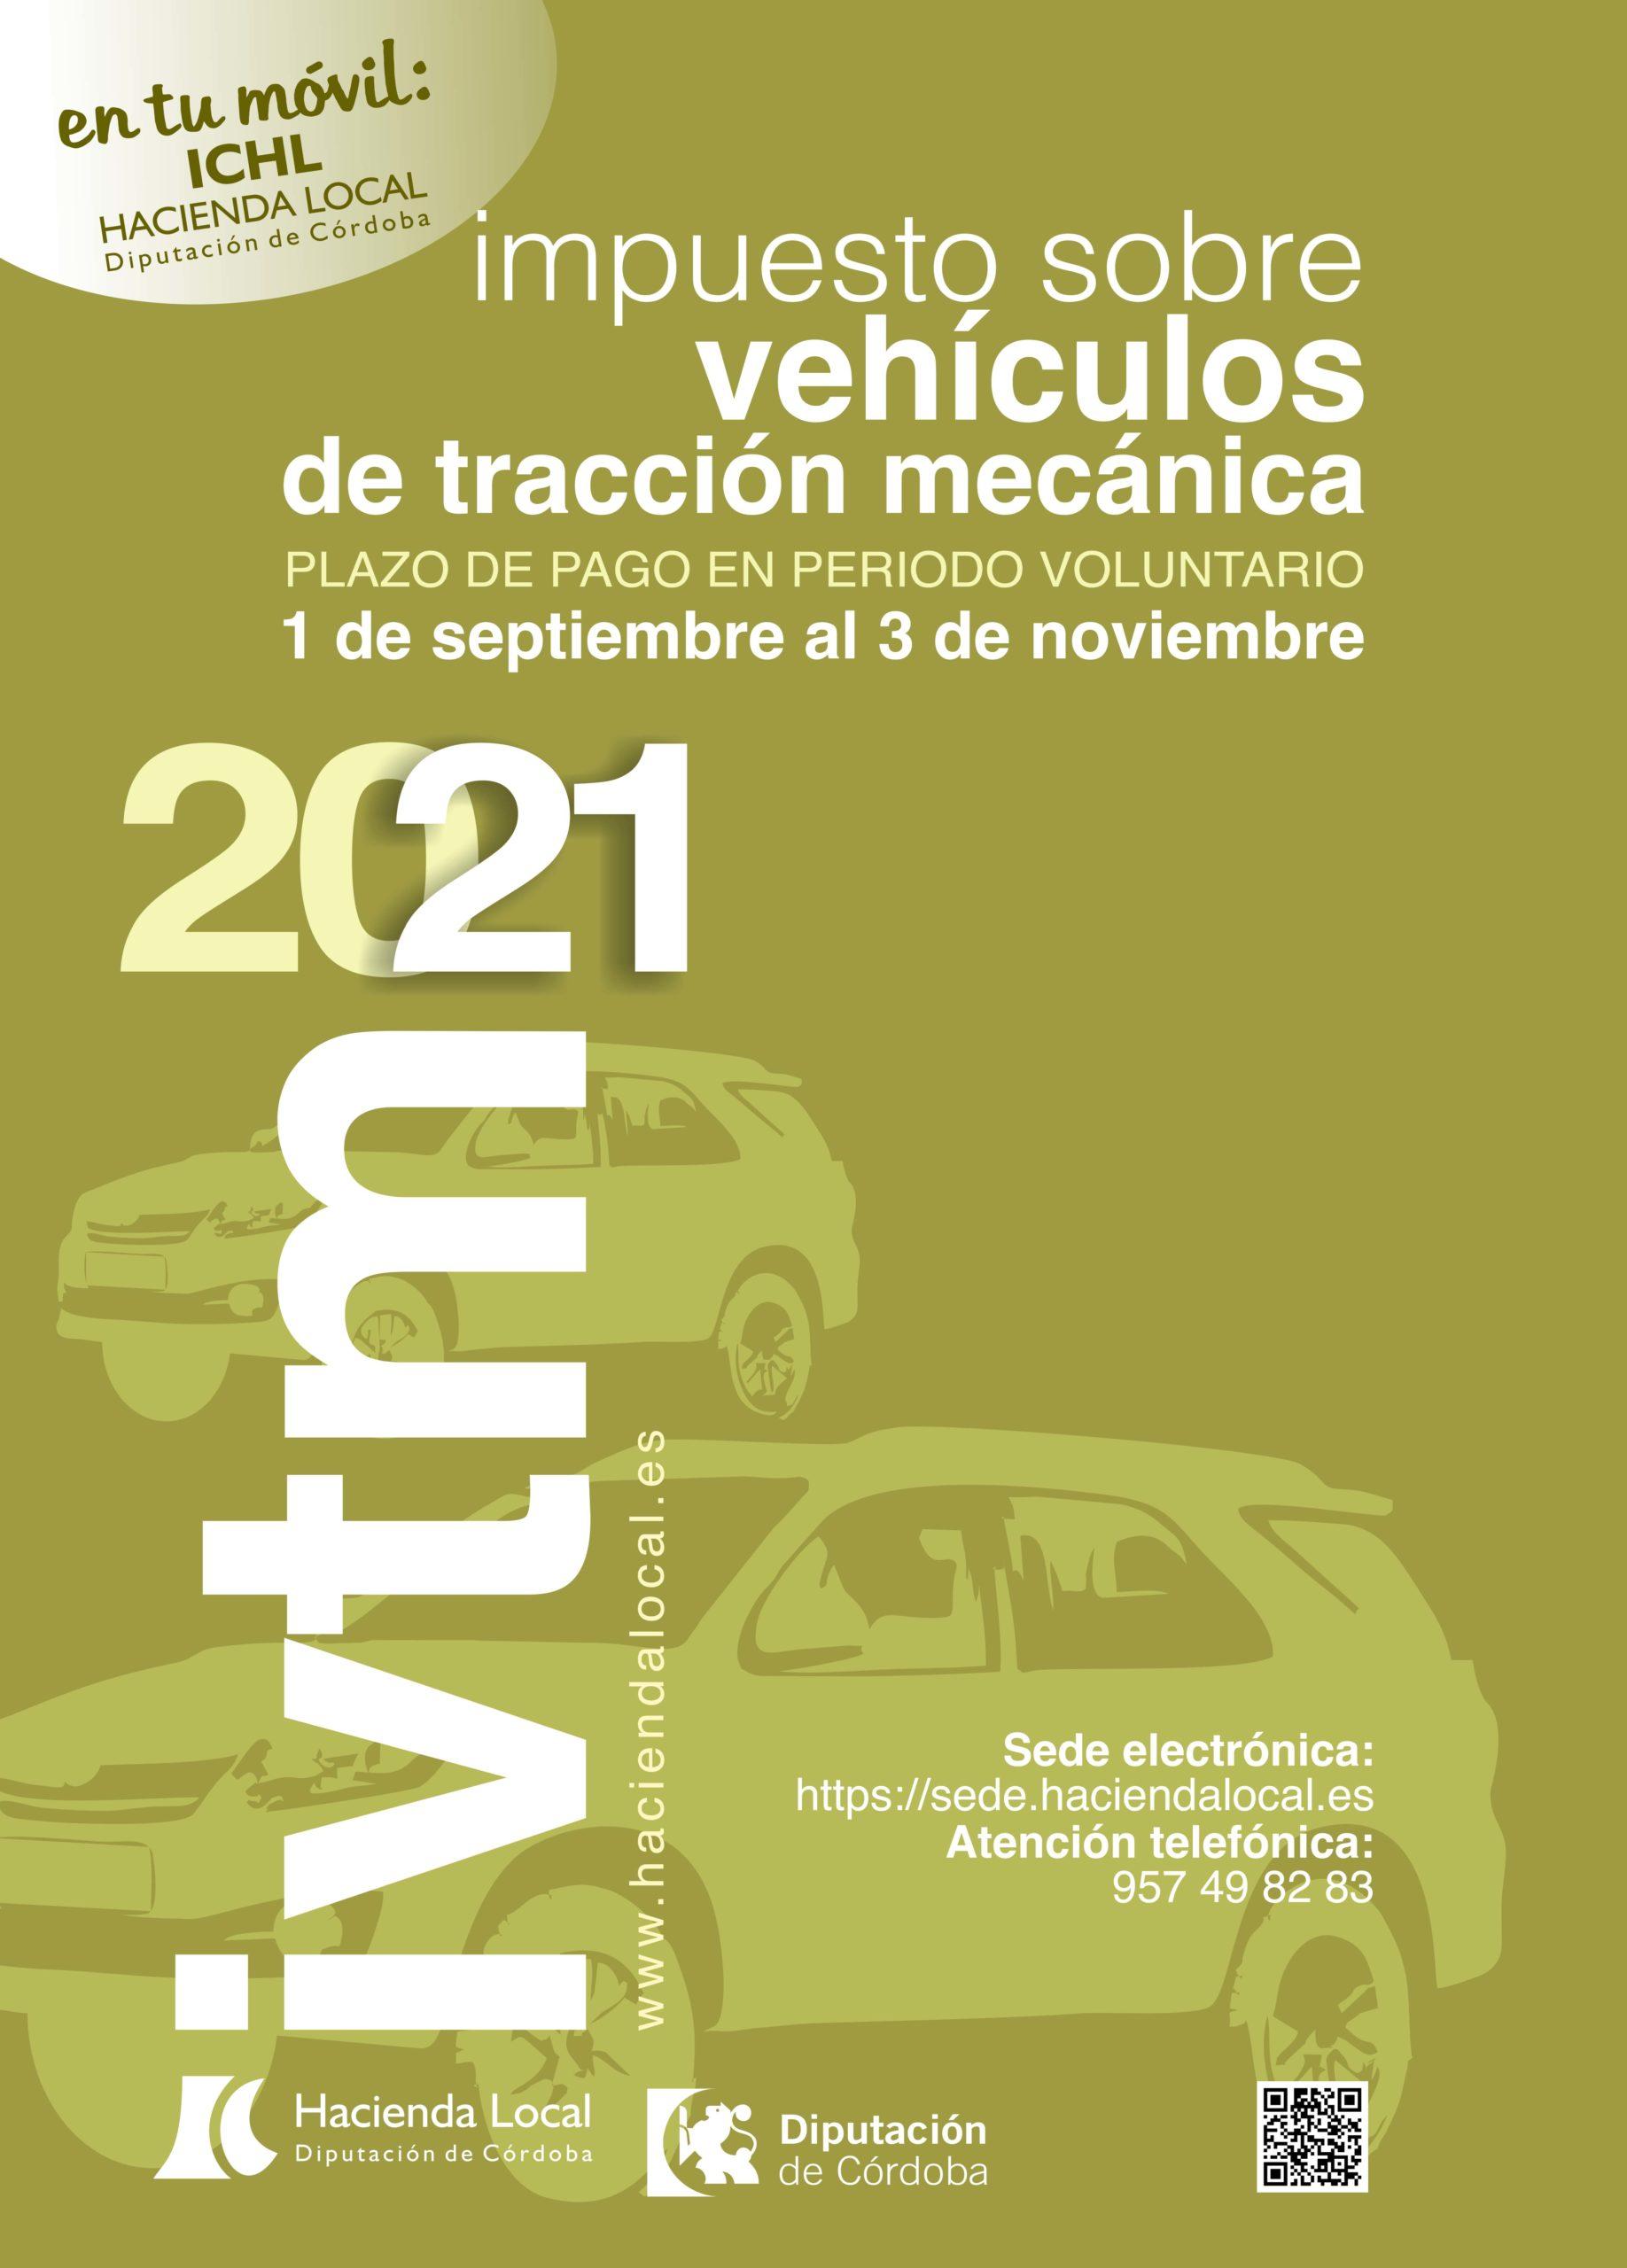 Hacienda Local - Impuesto sobre vehículos de tracción mecánica